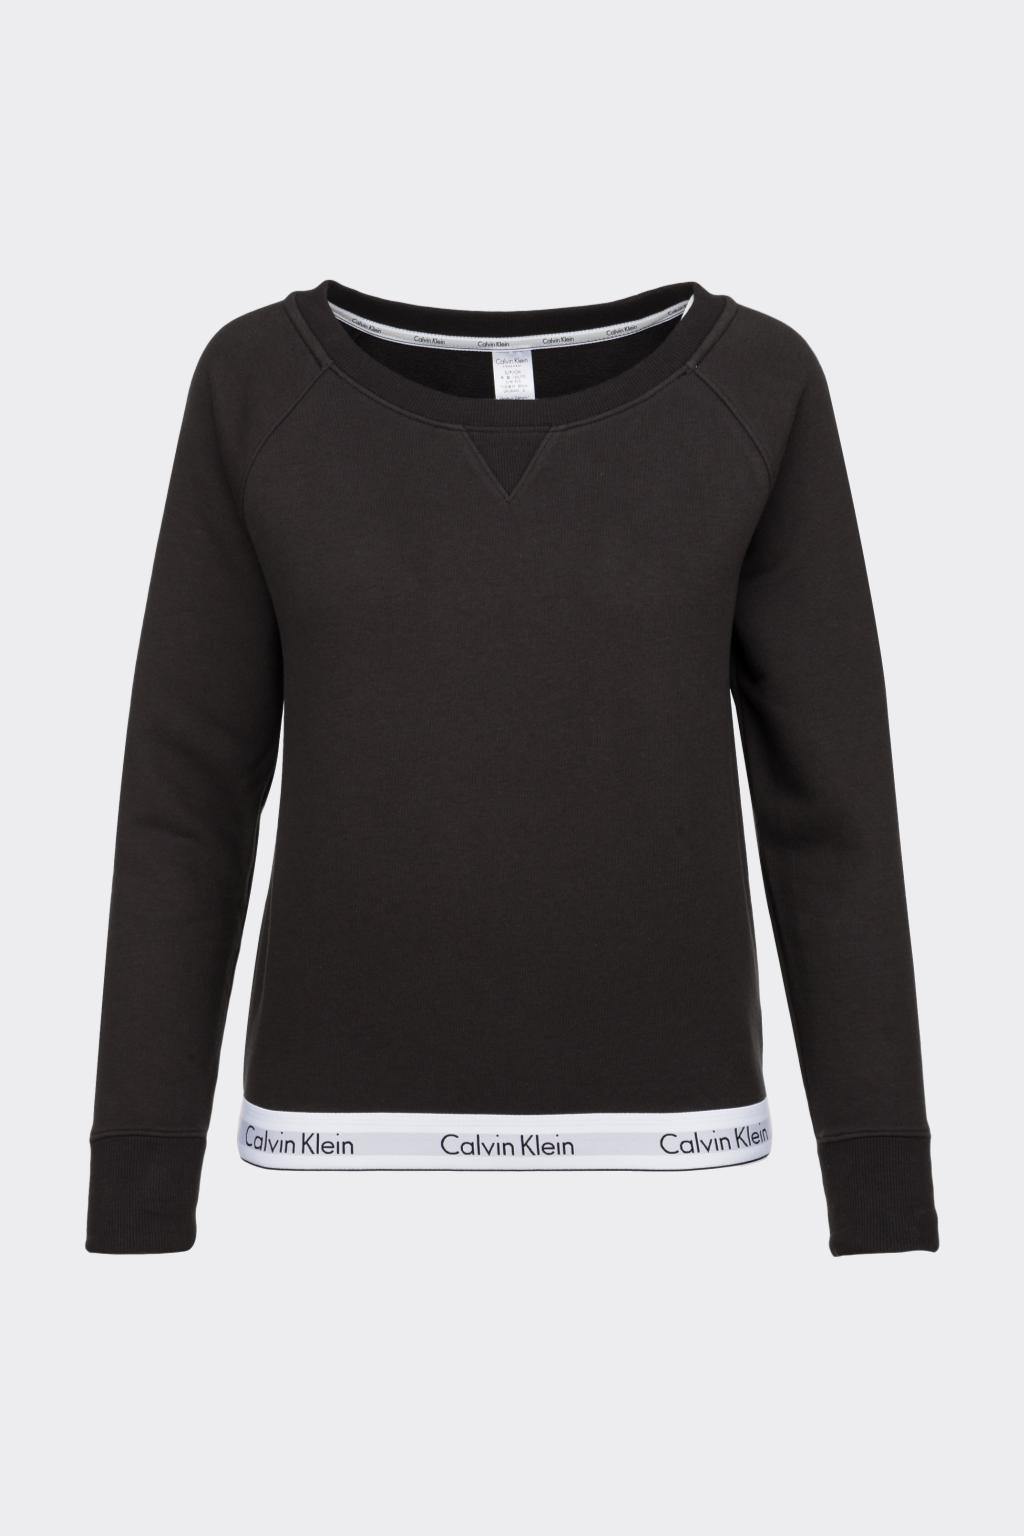 Calvin Klein Modern Cotton mikina dámská - černá (Velikost XS)